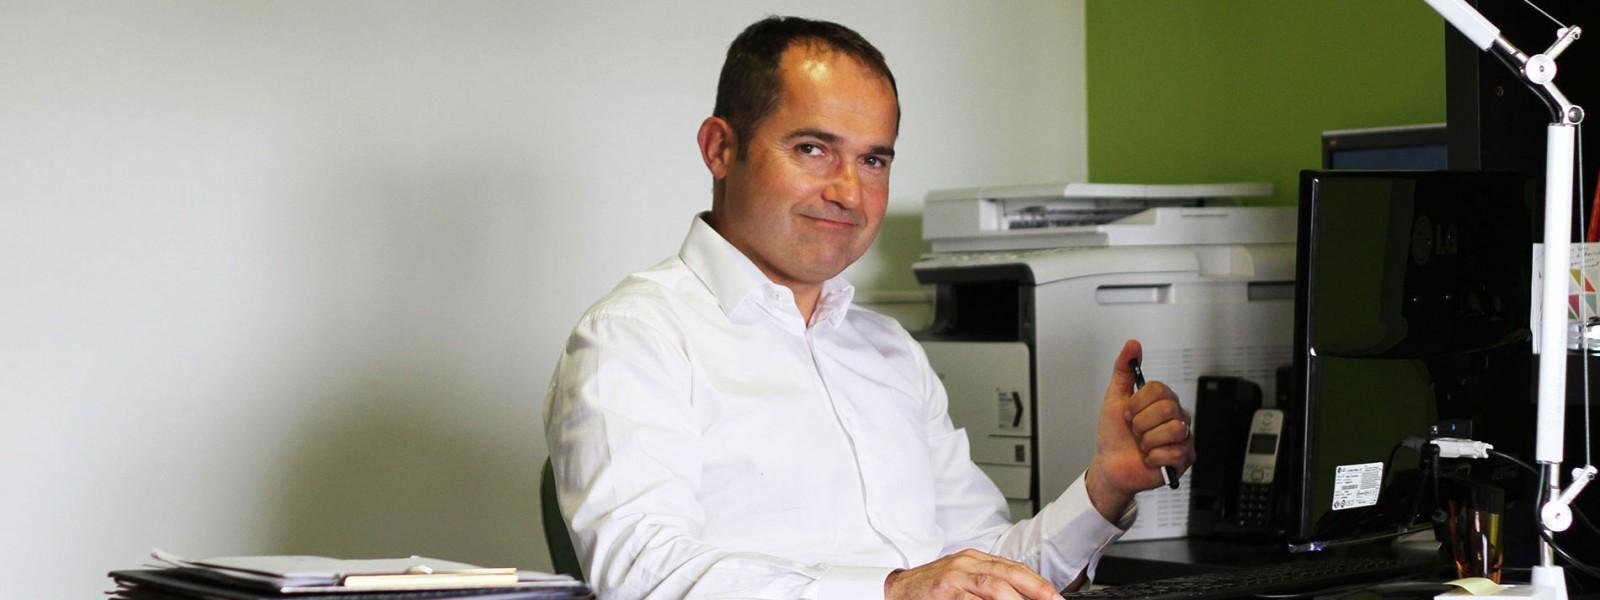 Bruno bini architecte d 39 int rieur for Conseil architecte d interieur